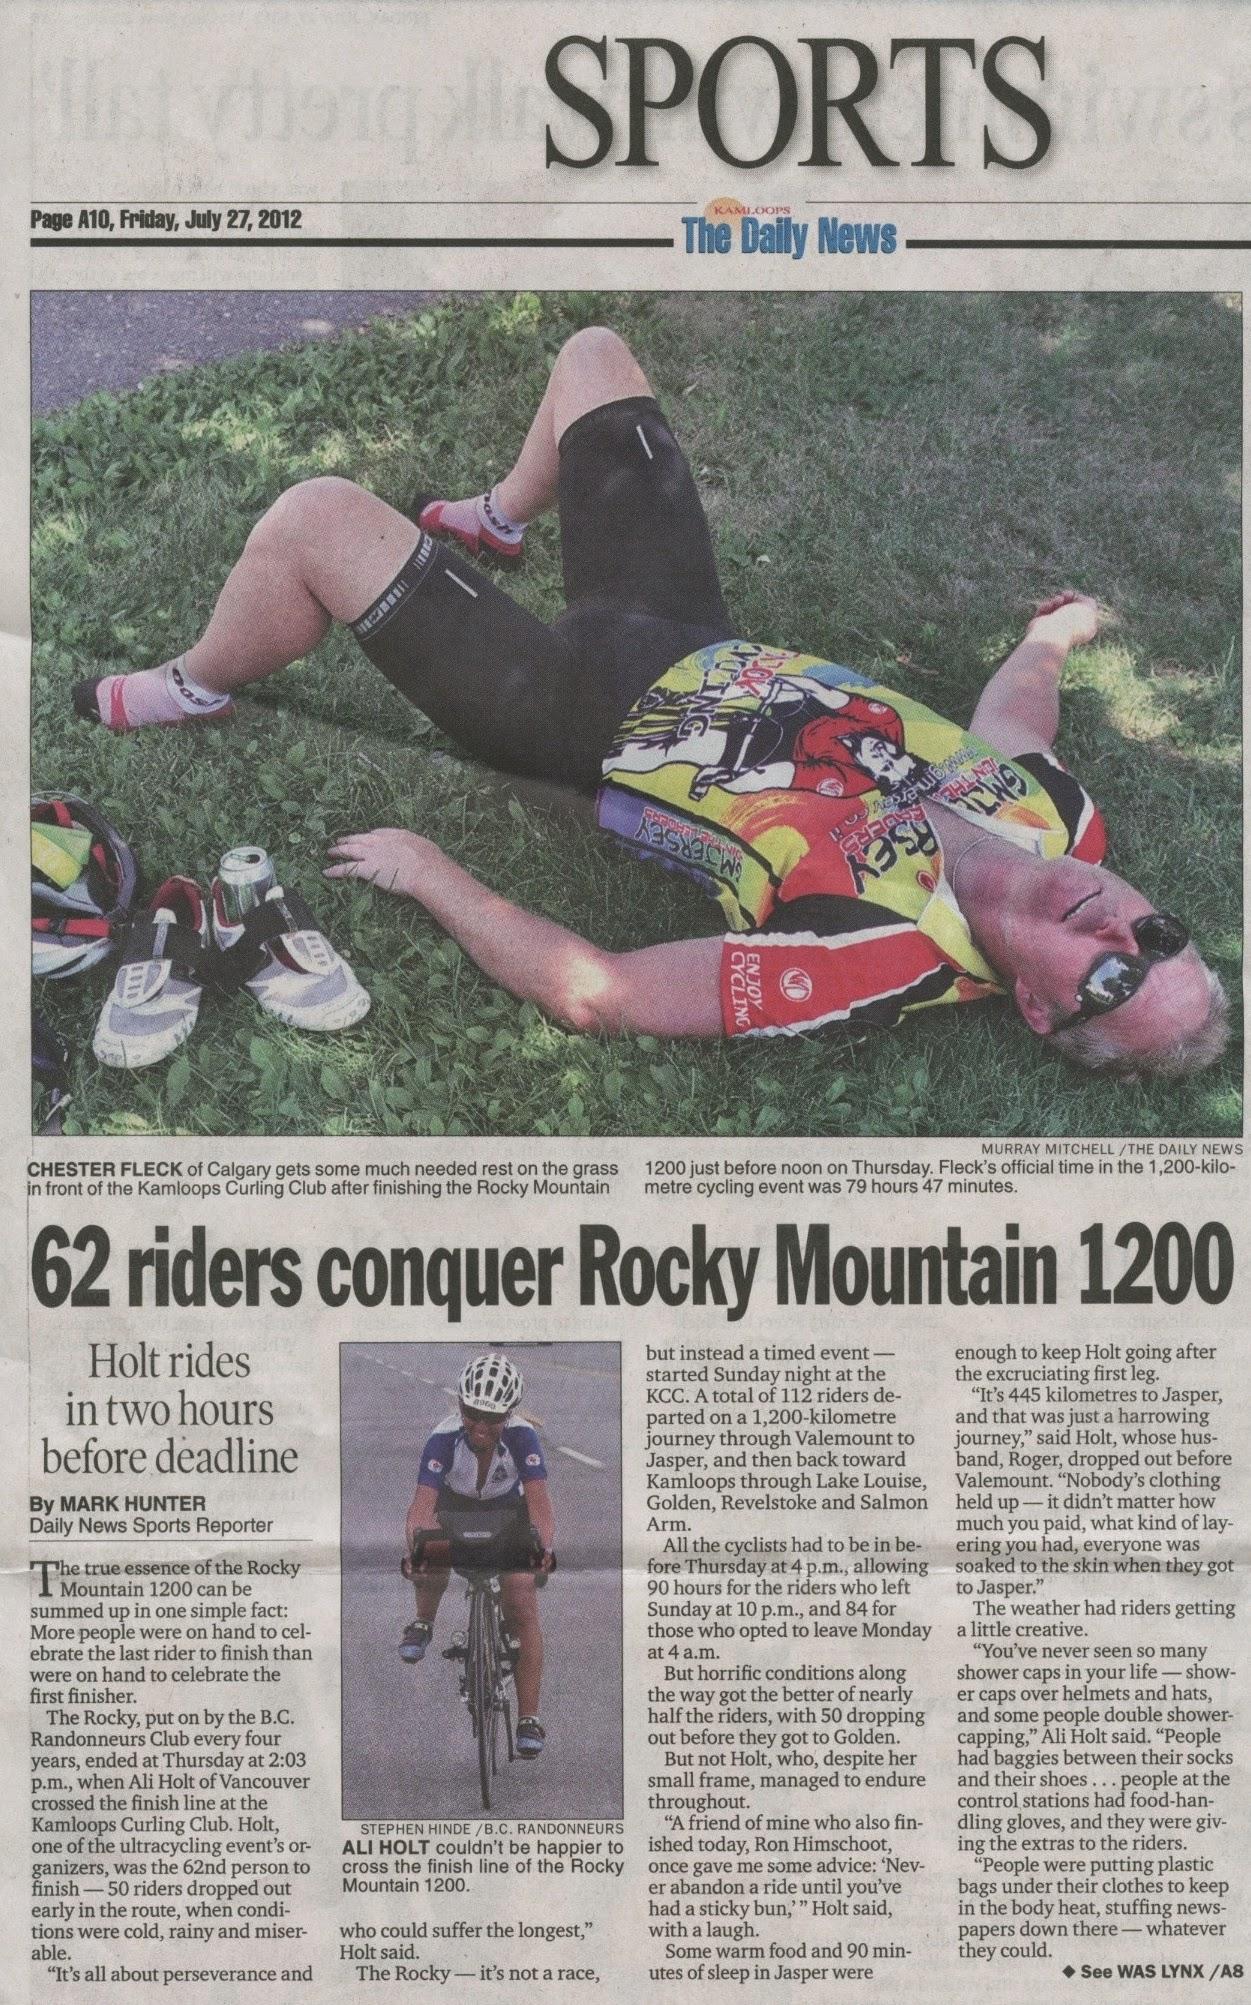 2012-07-27_kamloops-the-daily-news_friday_1.jpeg